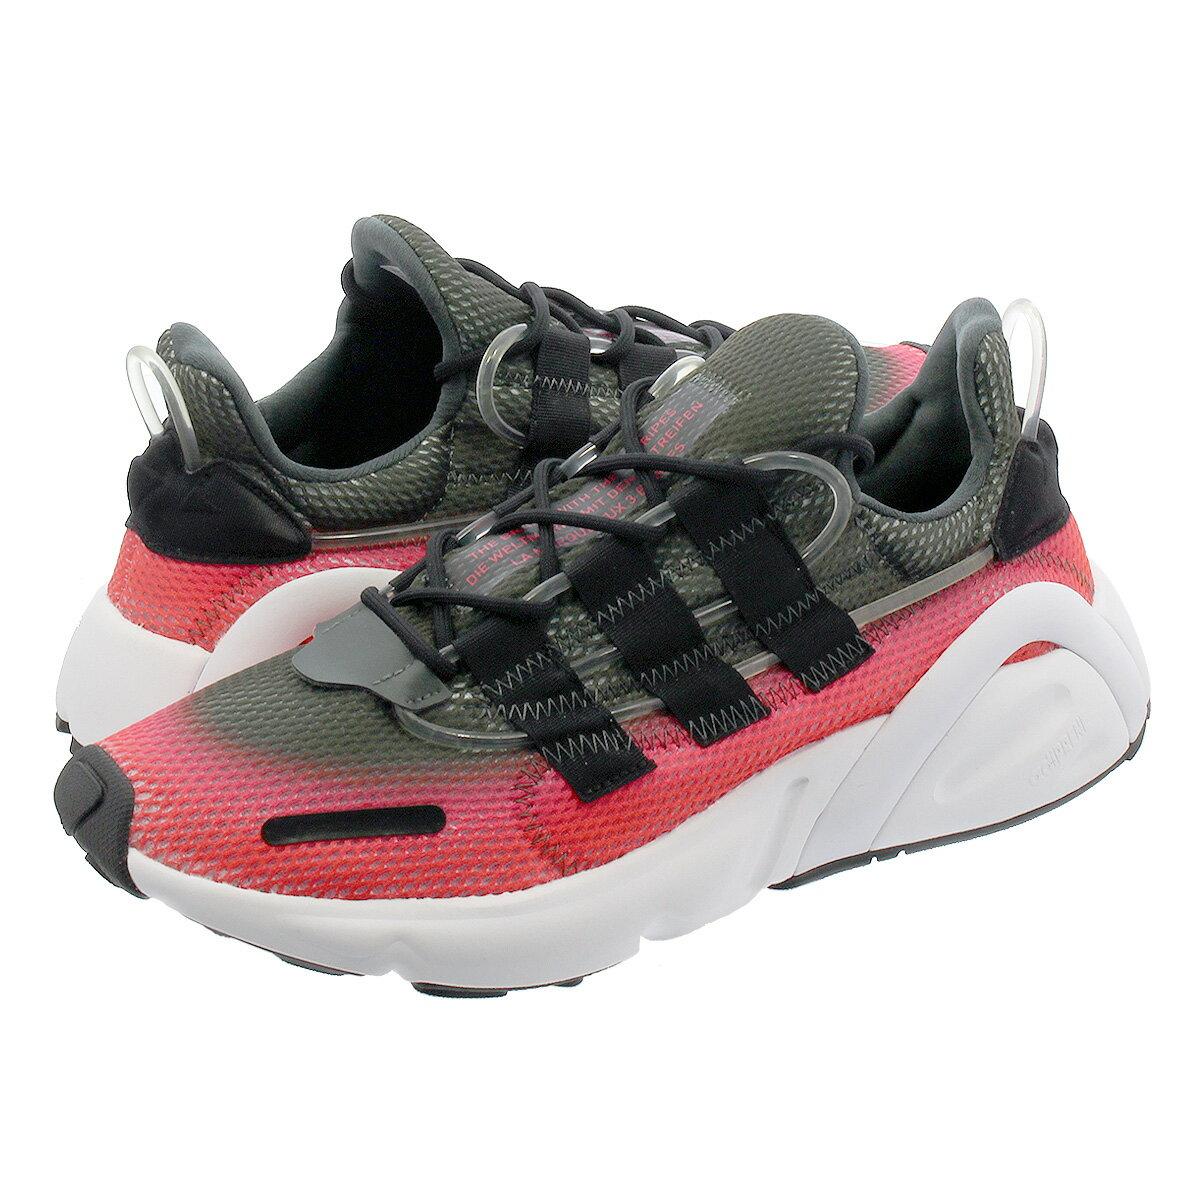 メンズ靴, スニーカー SALE adidas LXCON CORE BLACKCORE BLACKRUNNING WHITE g27579